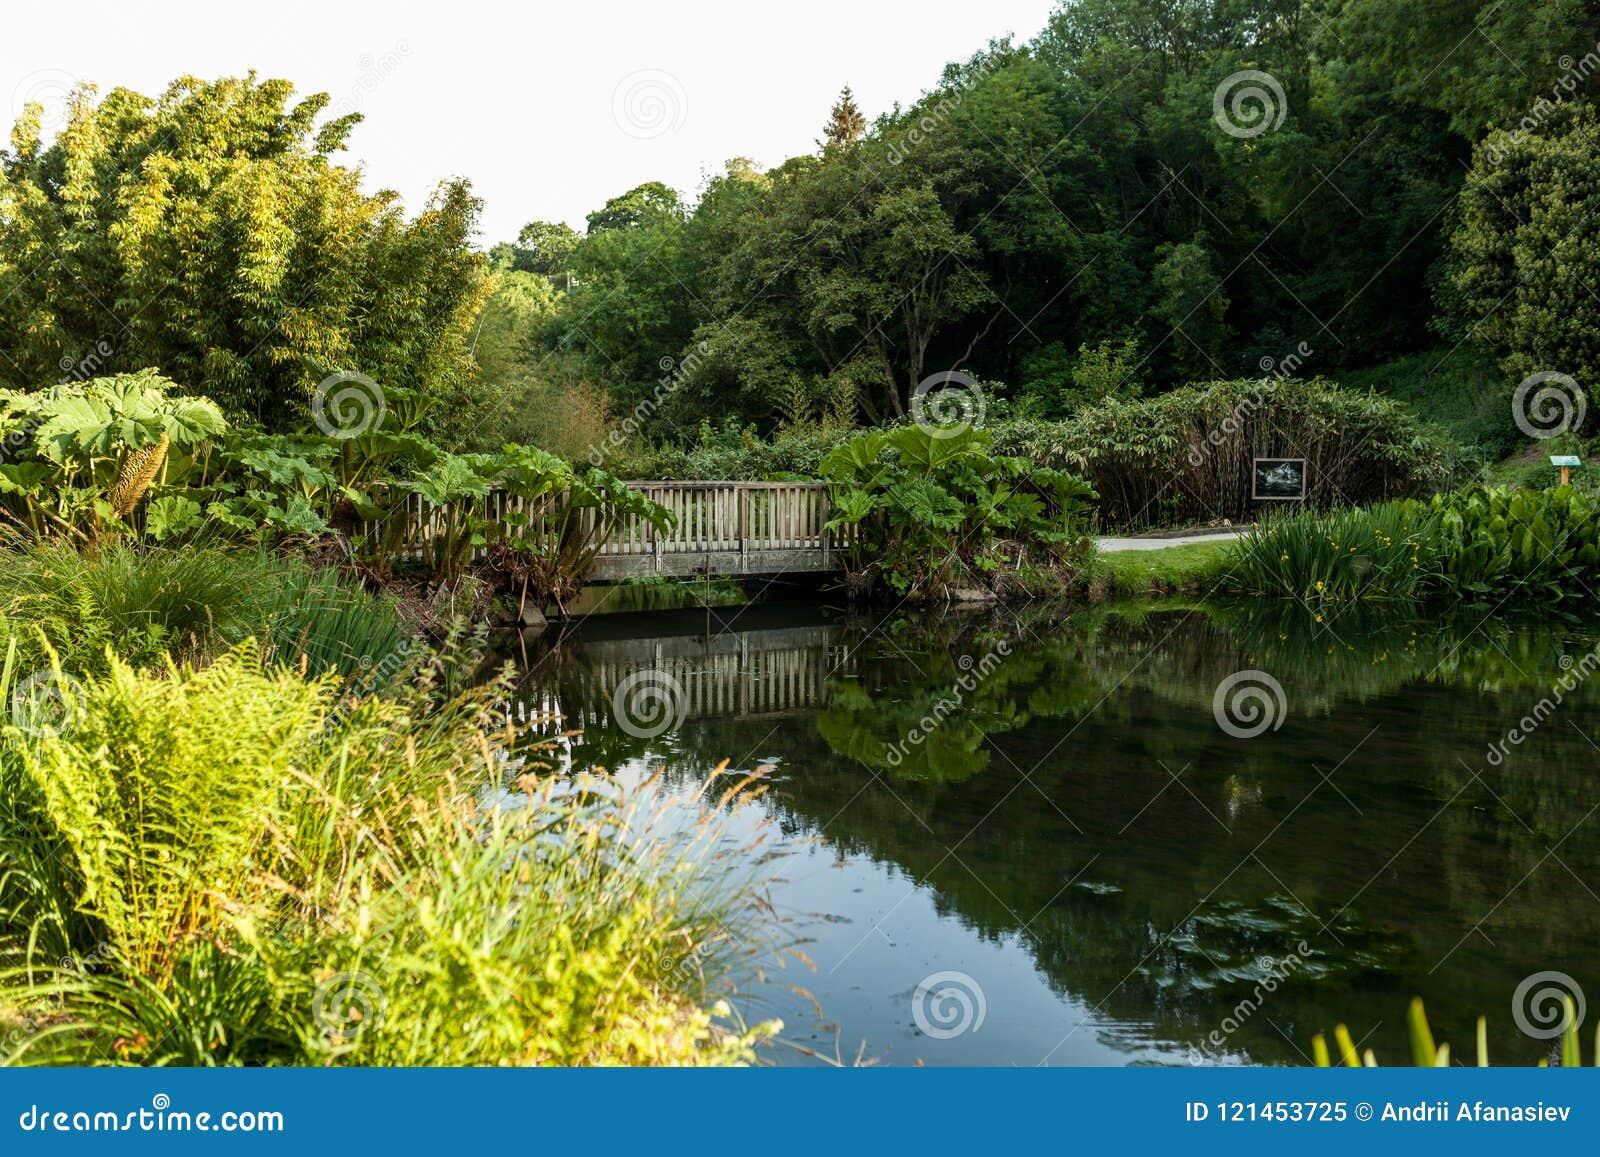 Ботанический сад Le Vallon du ужалил Alar Брест Францию 27 может 2018 - сезон лета небольшого озера и моста